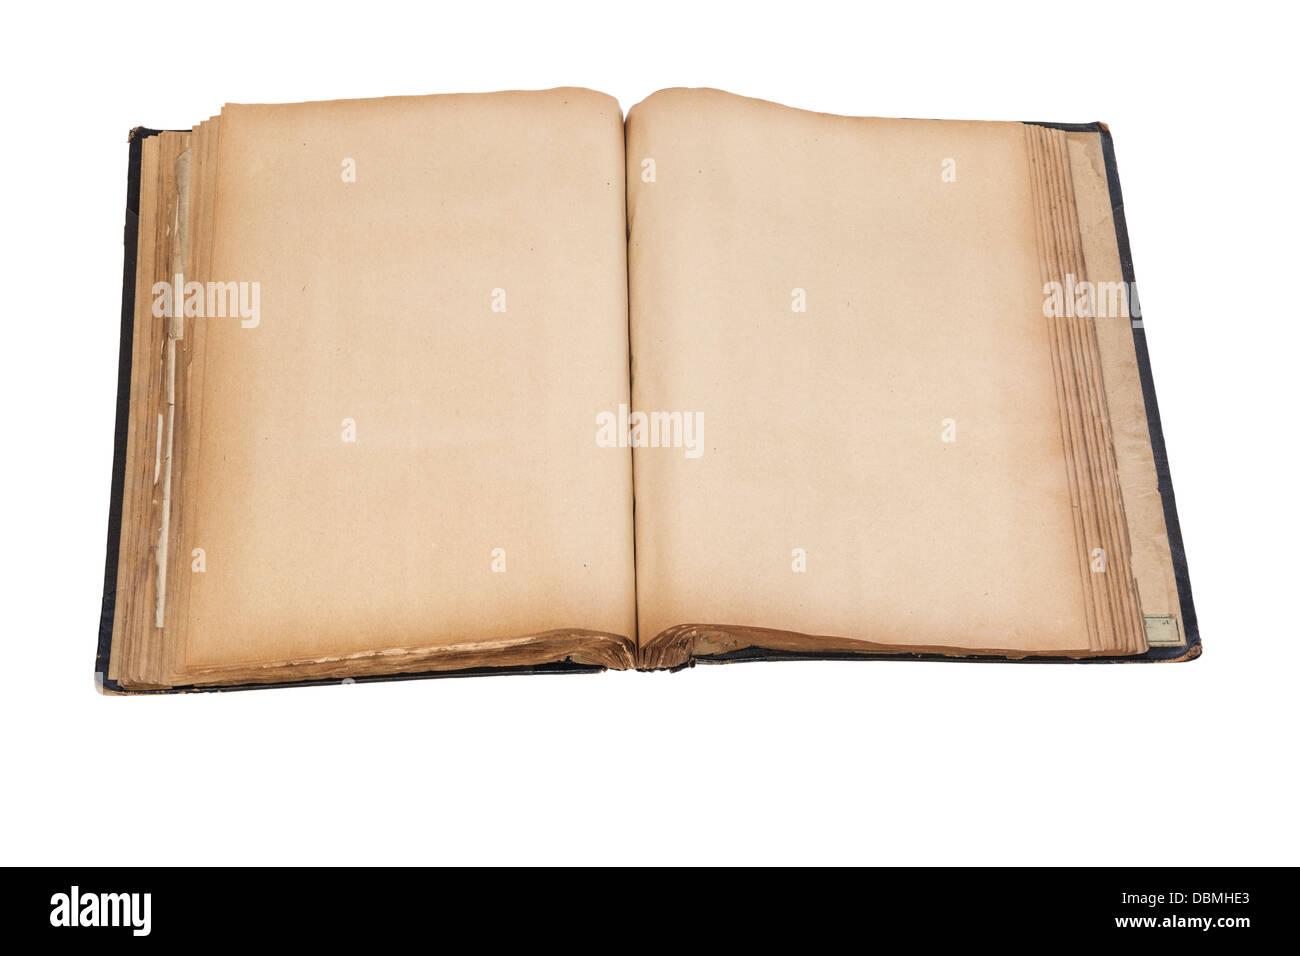 Vieux Scrap Book - vieux scrap book ou album, plus de 100 ans, ouvert à des pages blanches. Chemin de détourage. Photo Stock